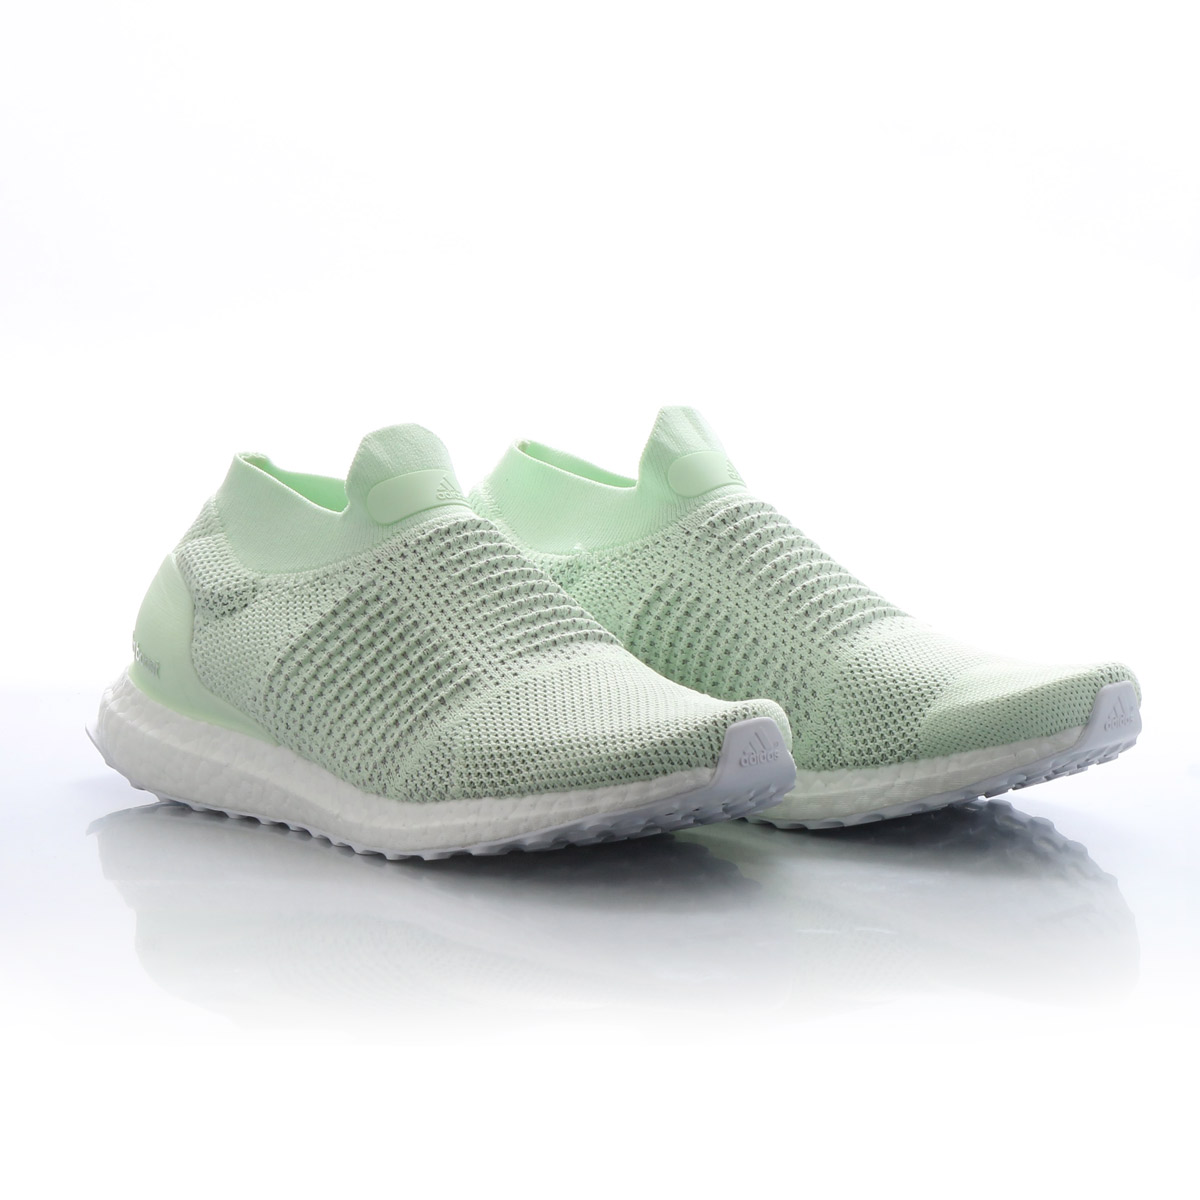 a0d3654e7d2d adidas UltraBOOST LACELESS LTD (Adidas ultra boost raceless LTD) Ash  Green Aero Green Ftwr White 18SS-S